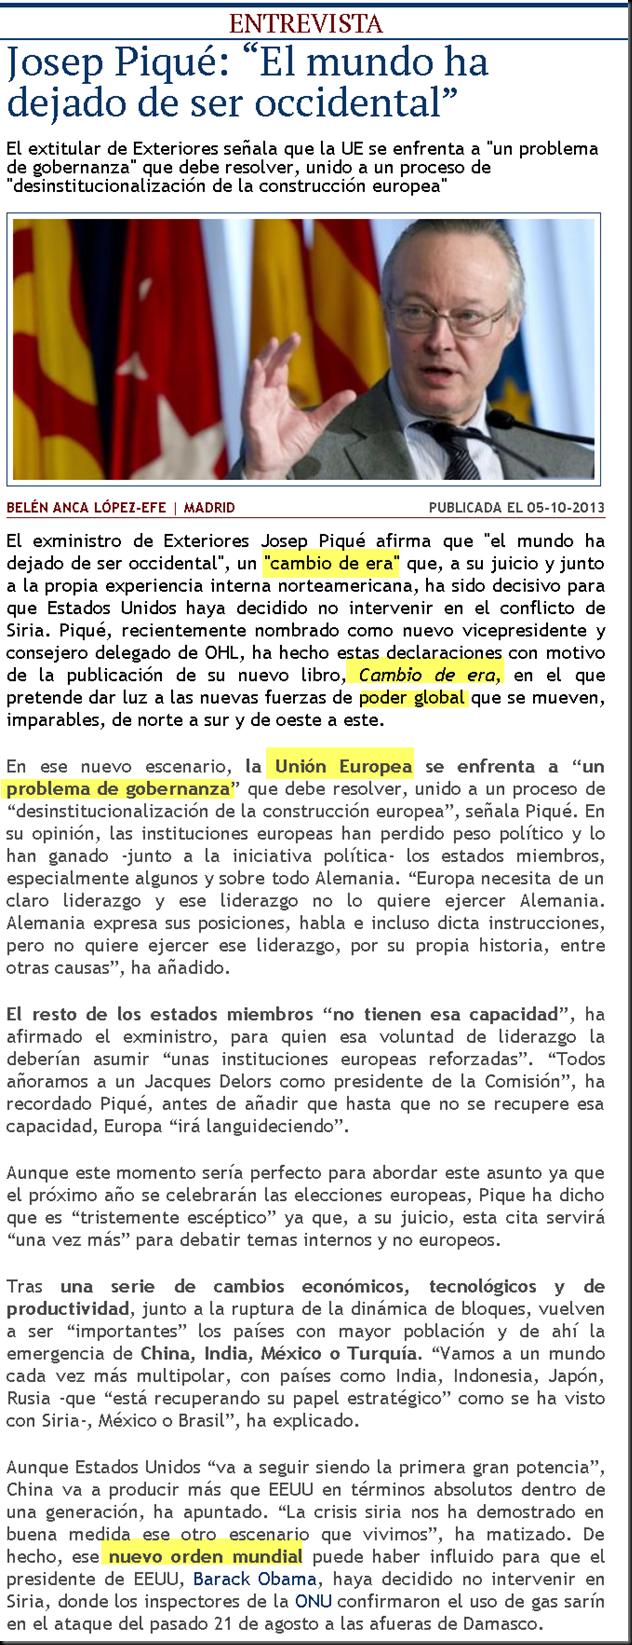 Josep Pique: Nuevo orden mundial (republica.com, 05/10/2013) Image_thumb4